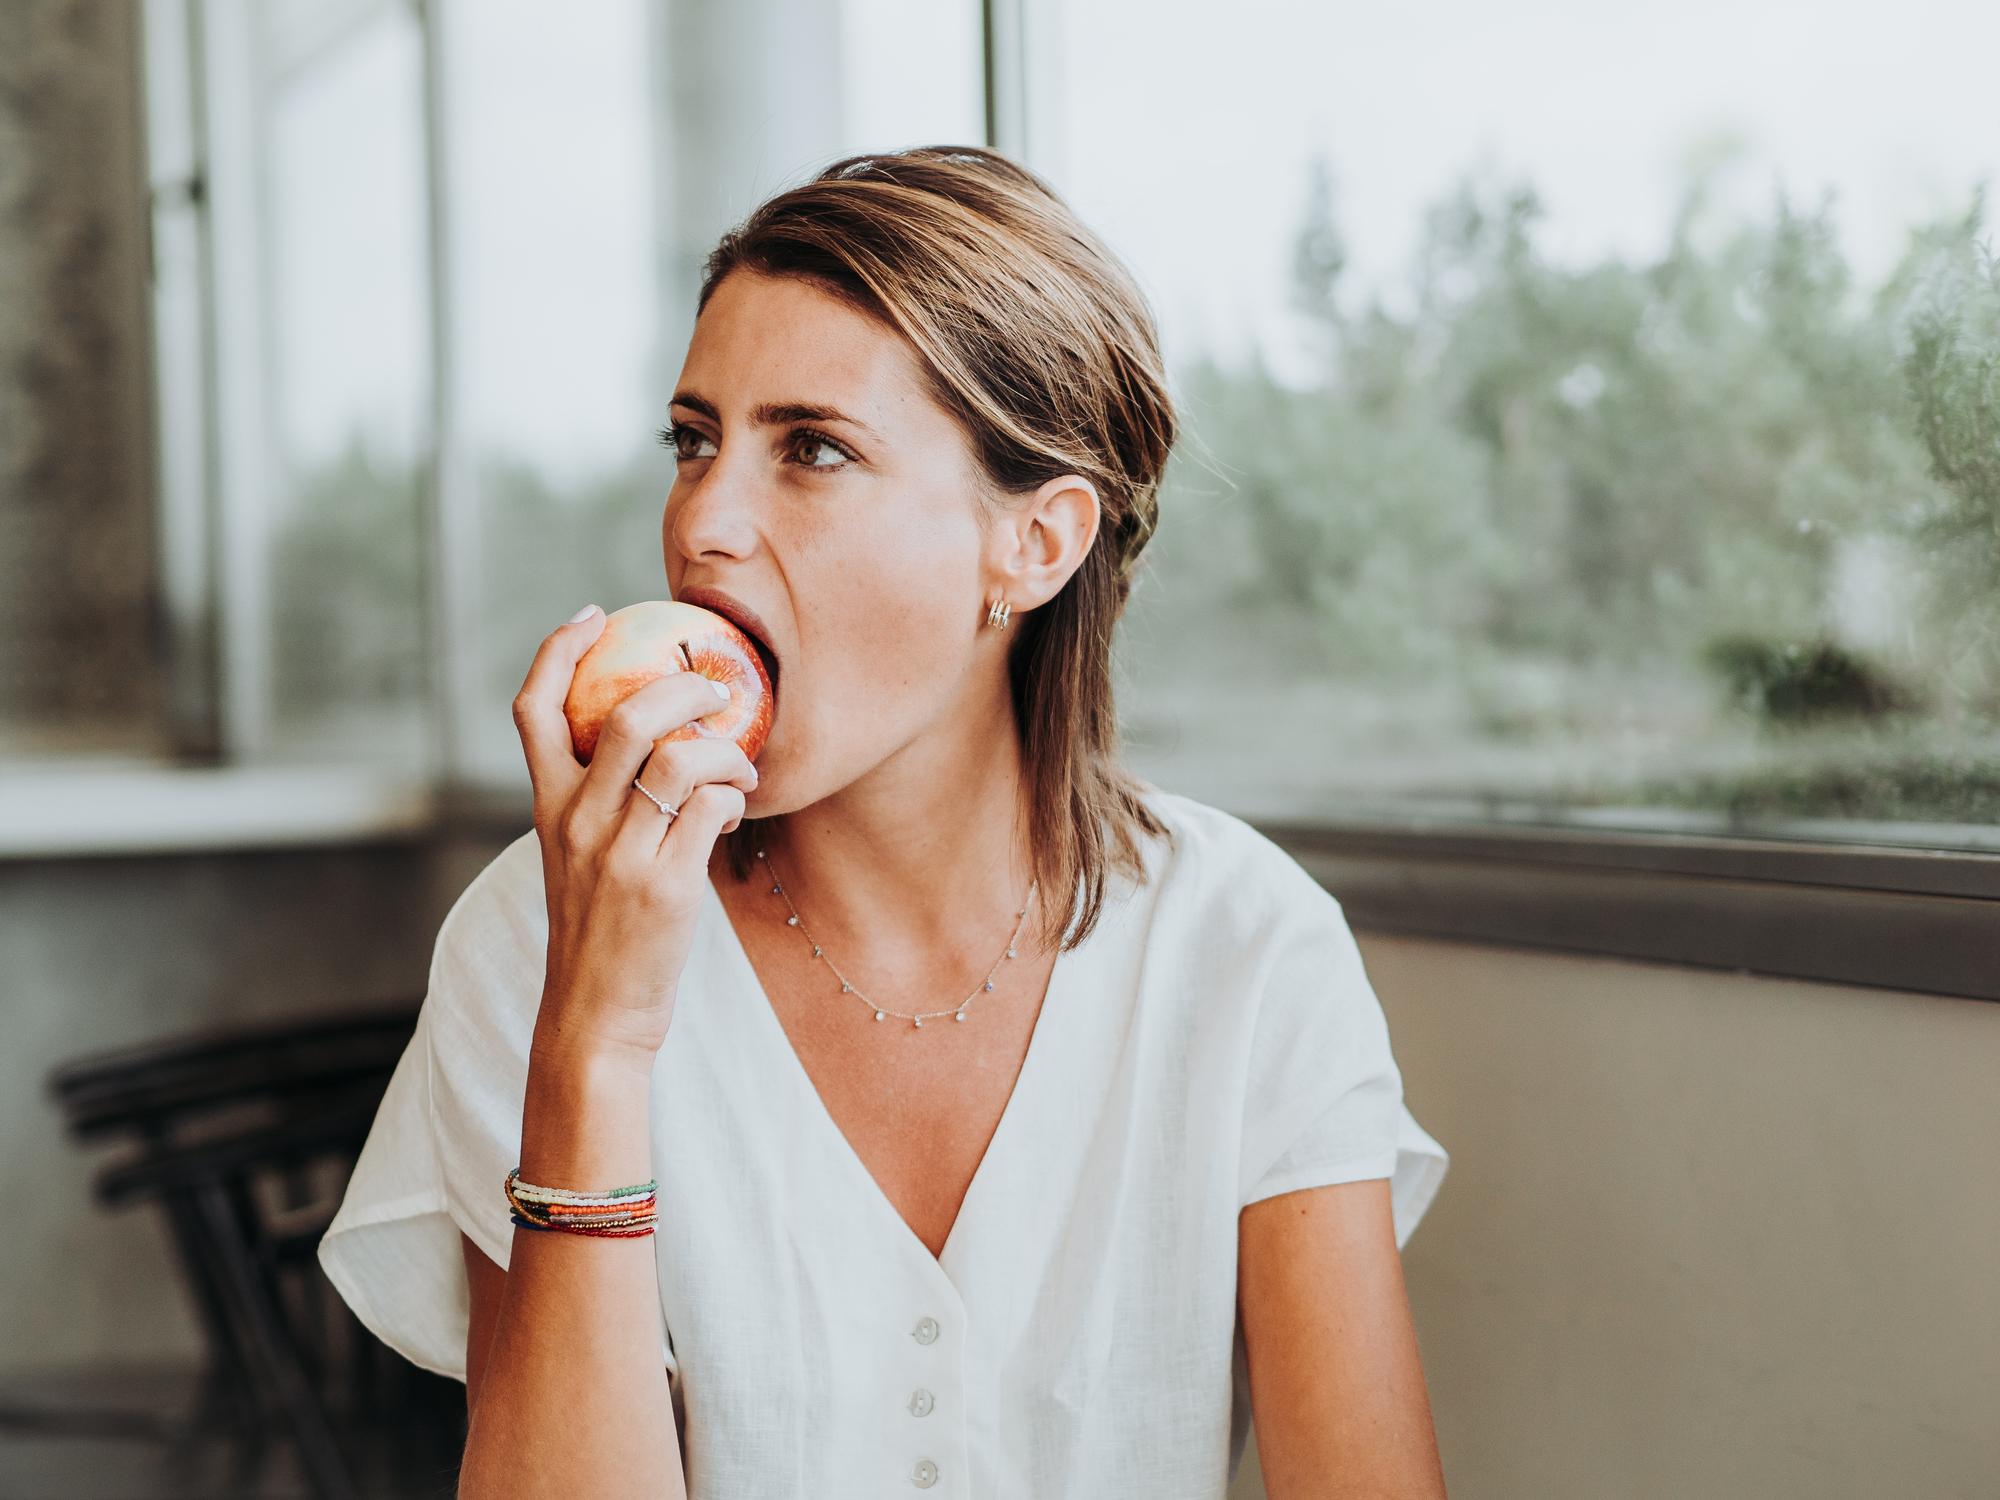 Ova balansirana prehrana osigurava dovoljne količine nutrijenata i može se dugoročno provoditi, što je veliki plus.